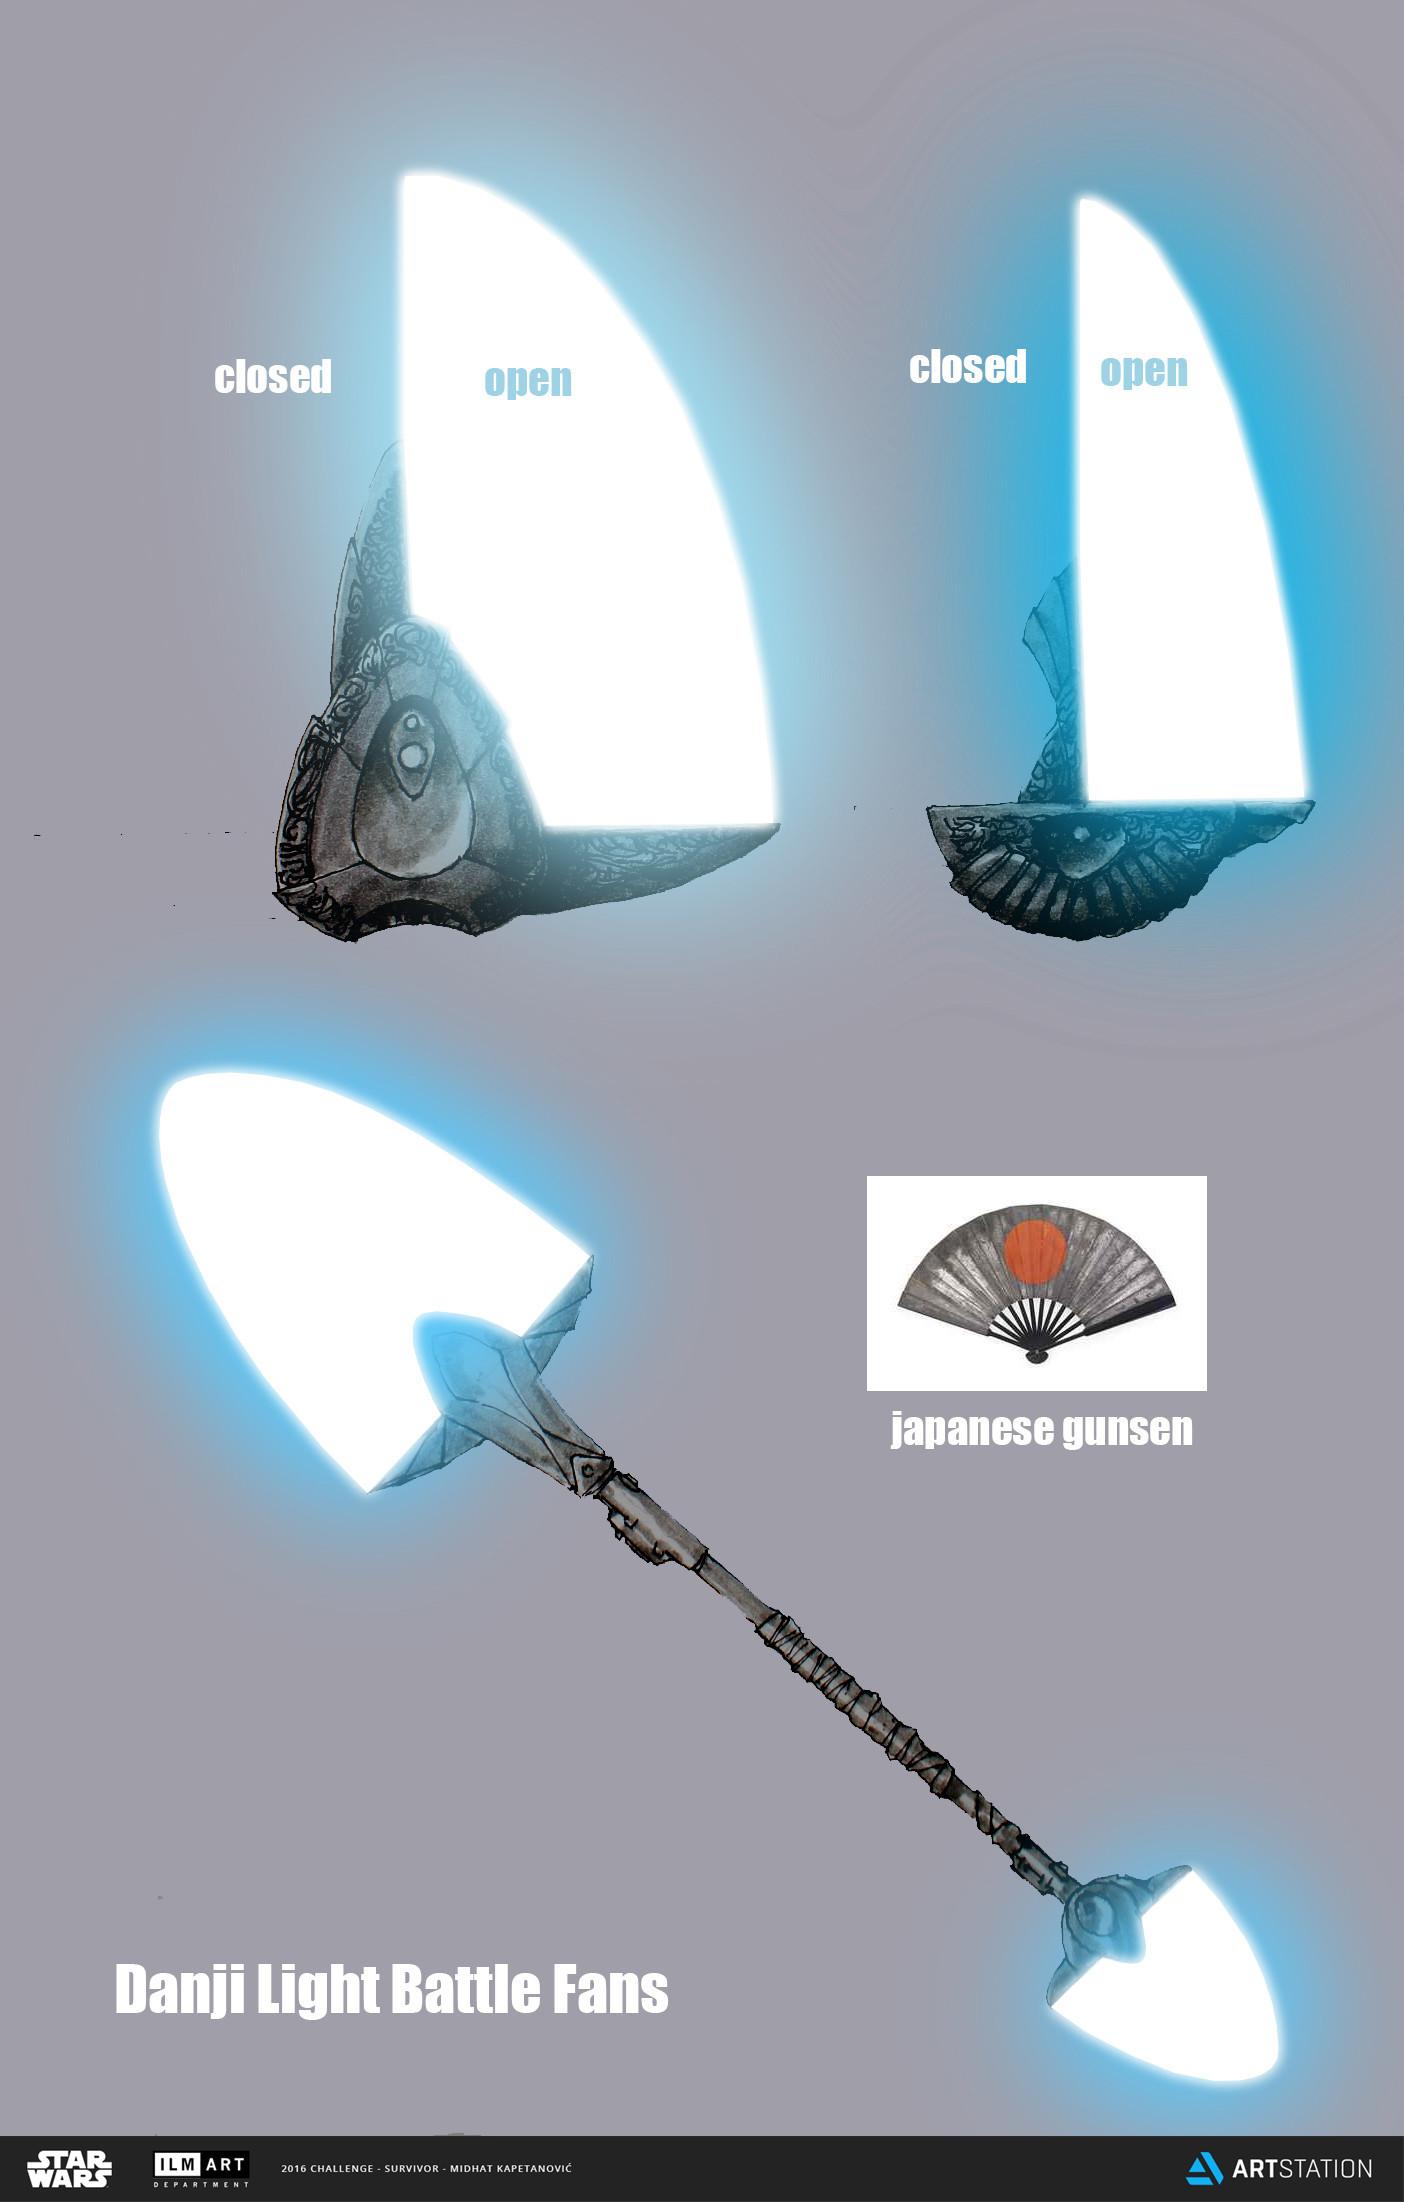 Midhat kapetanovic danji battle light fans 02